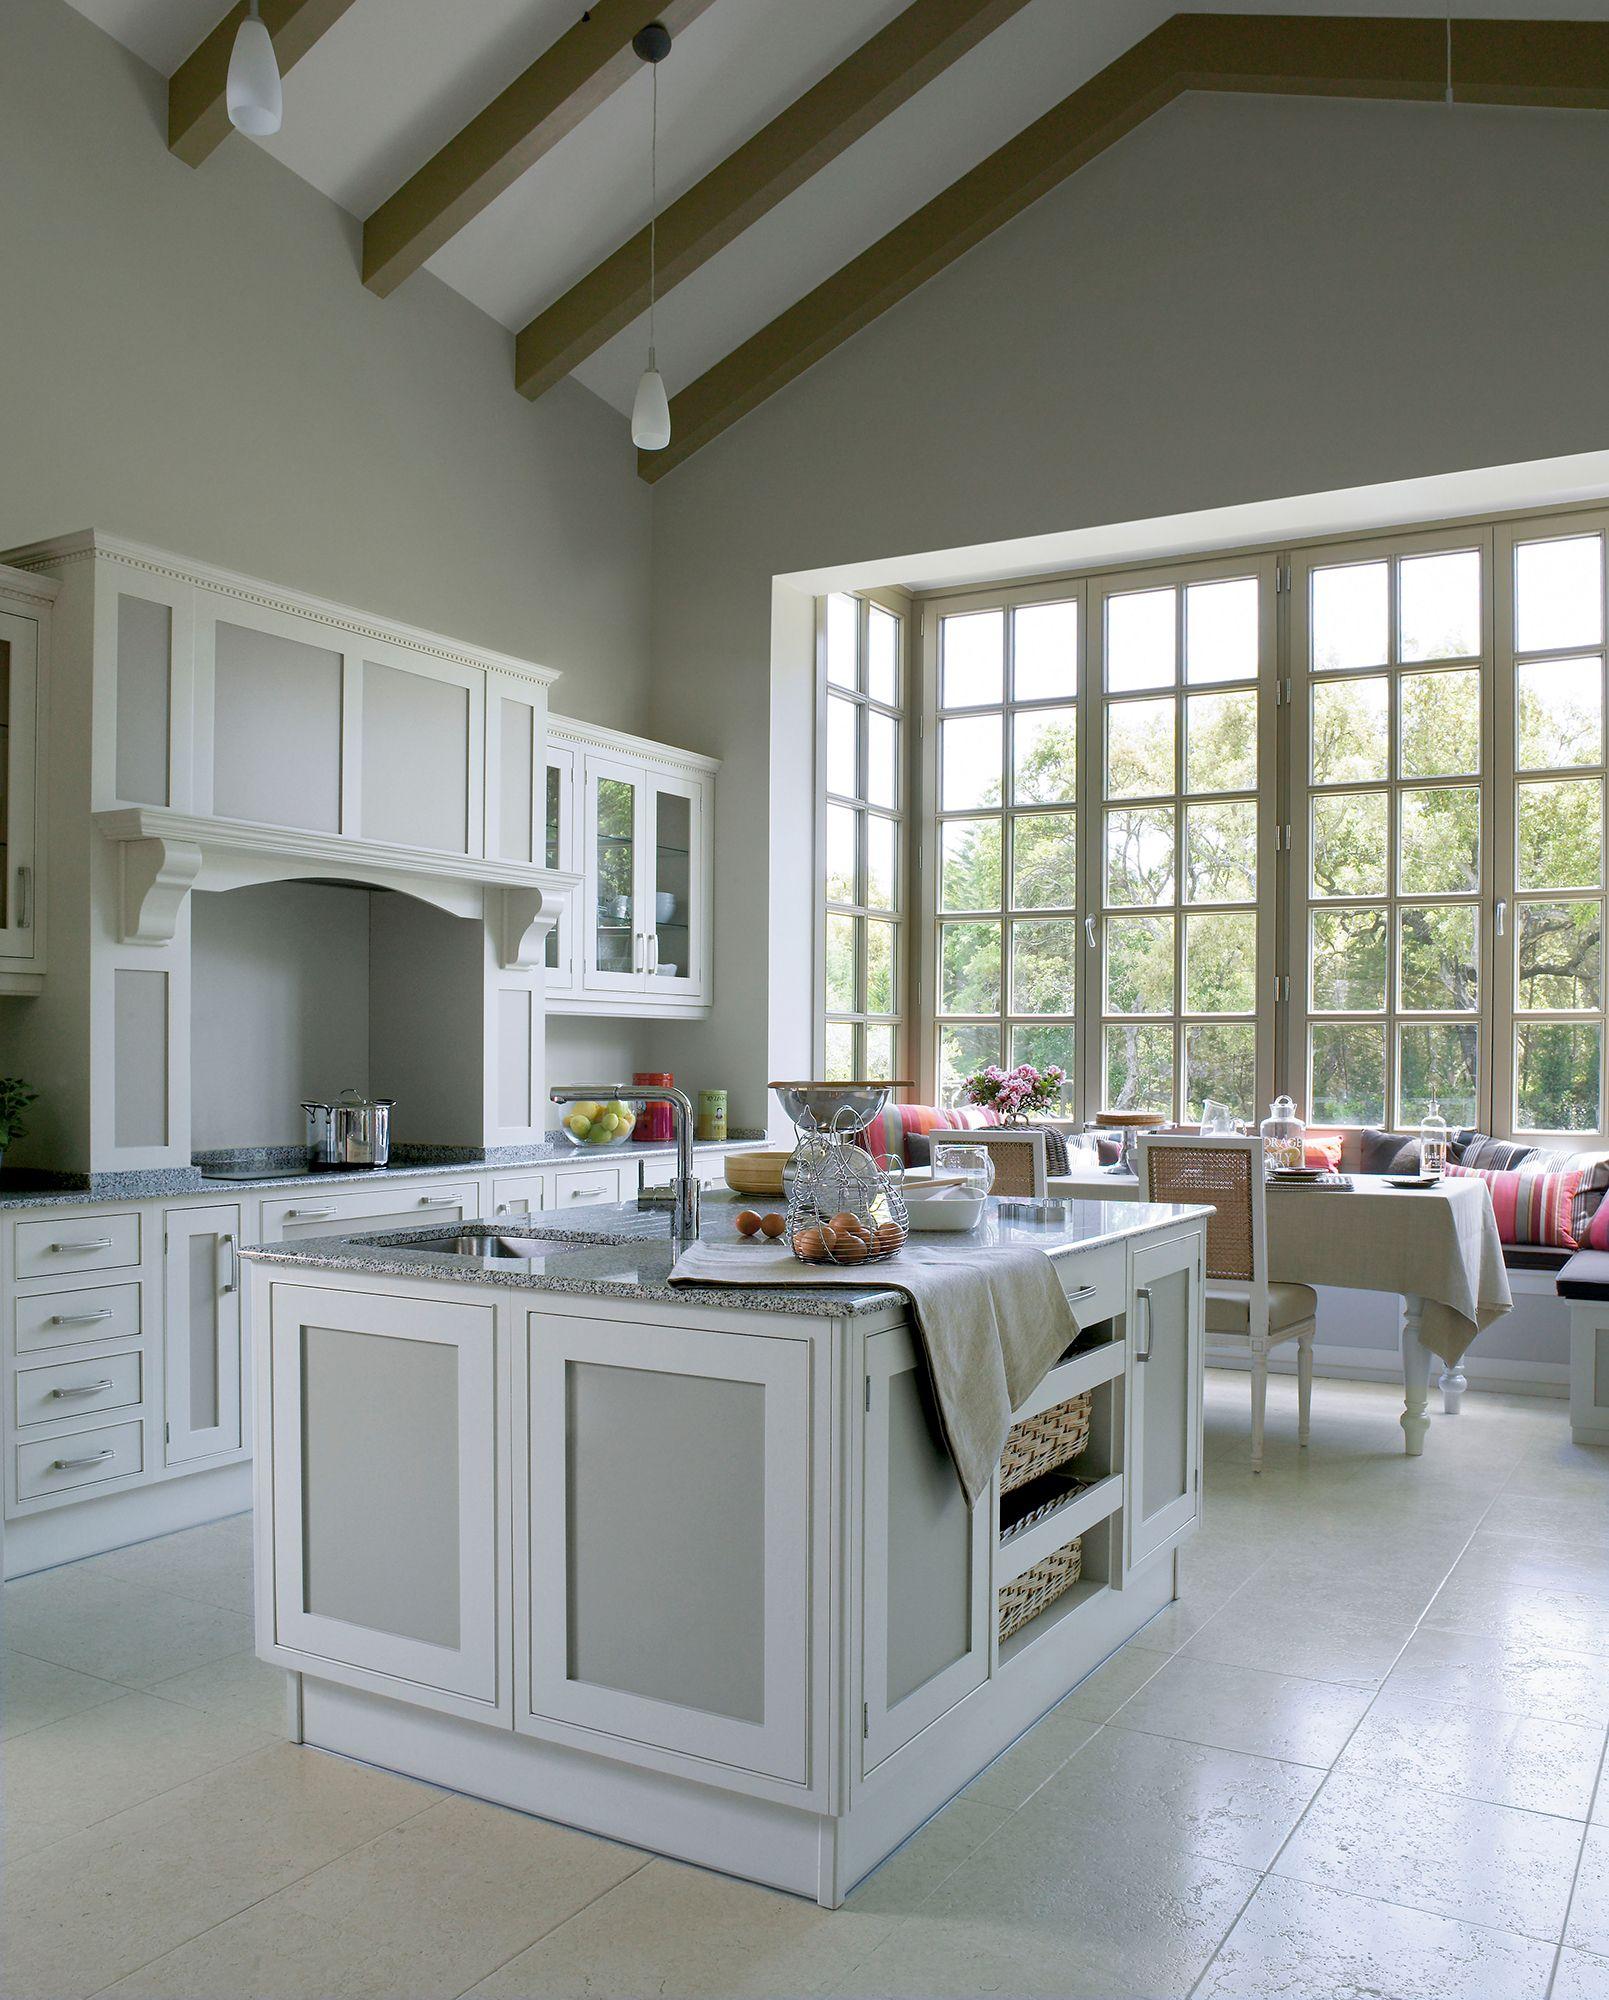 Cocina Con Muebles Blancos Isla Y Bow Window_ 00234685 Casa  # Muebles Blancos